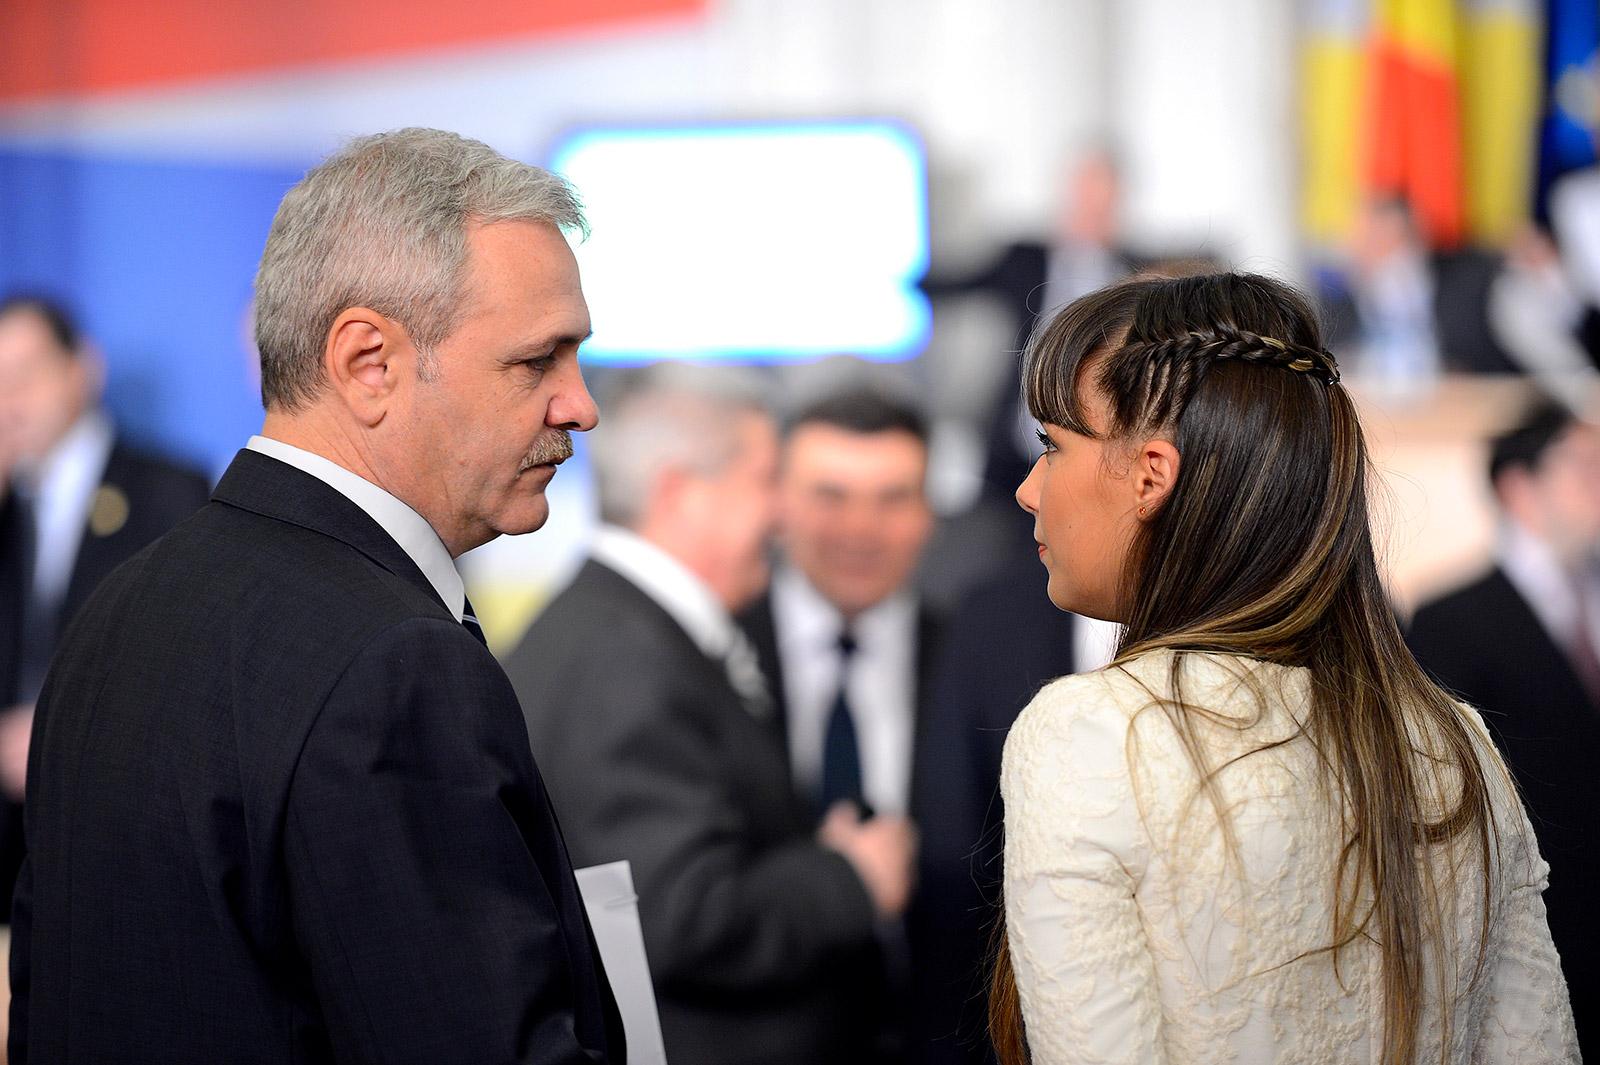 Liviu Dragnea și Cătălina Ștefănescu. Foto: Mediafax Foto, Răzvan Chiriță